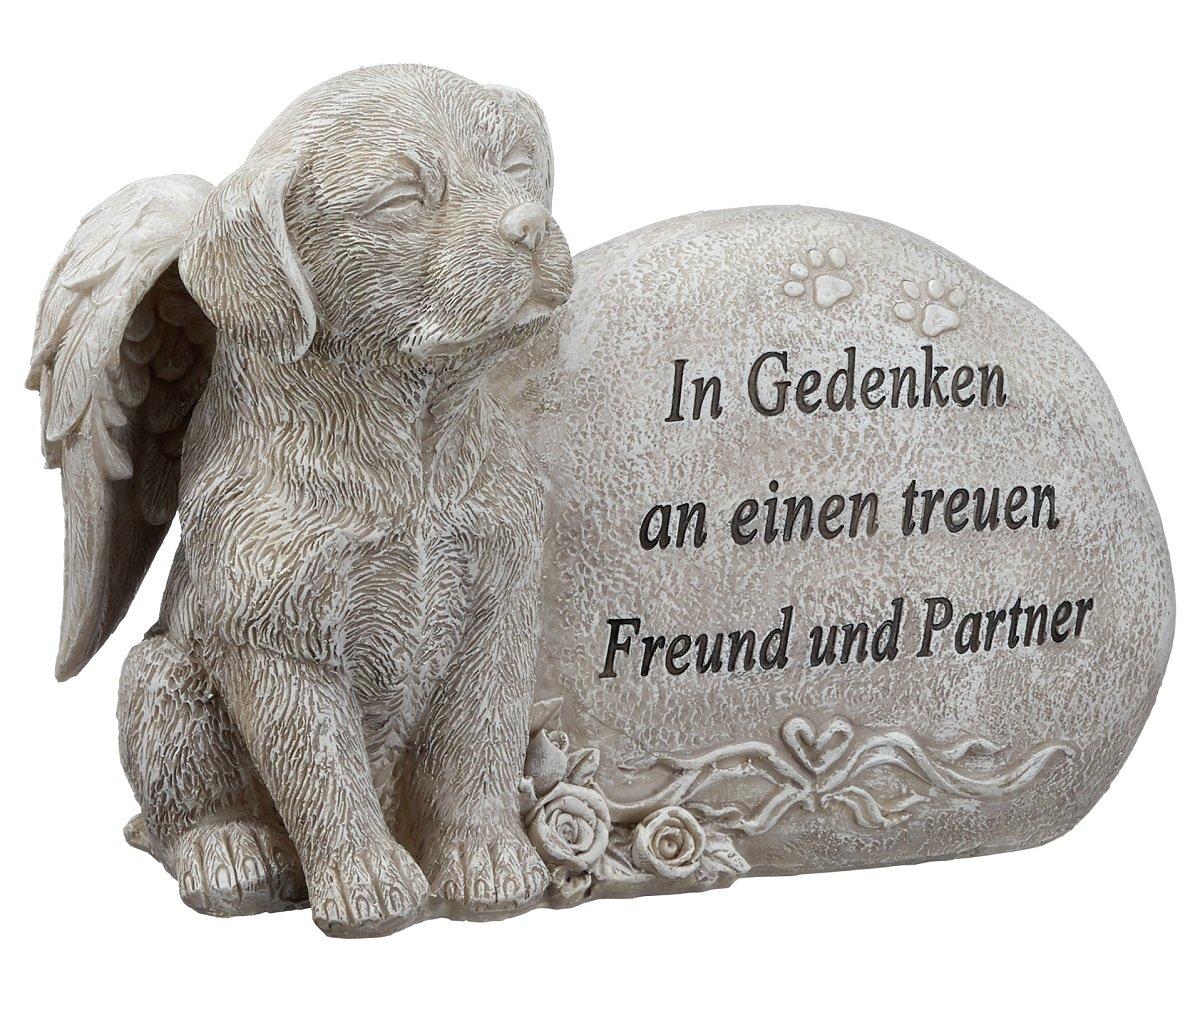 Grabdeko Hund mit Engelsflügeln Spruch Grabstein 17 cm Grau unbekannt